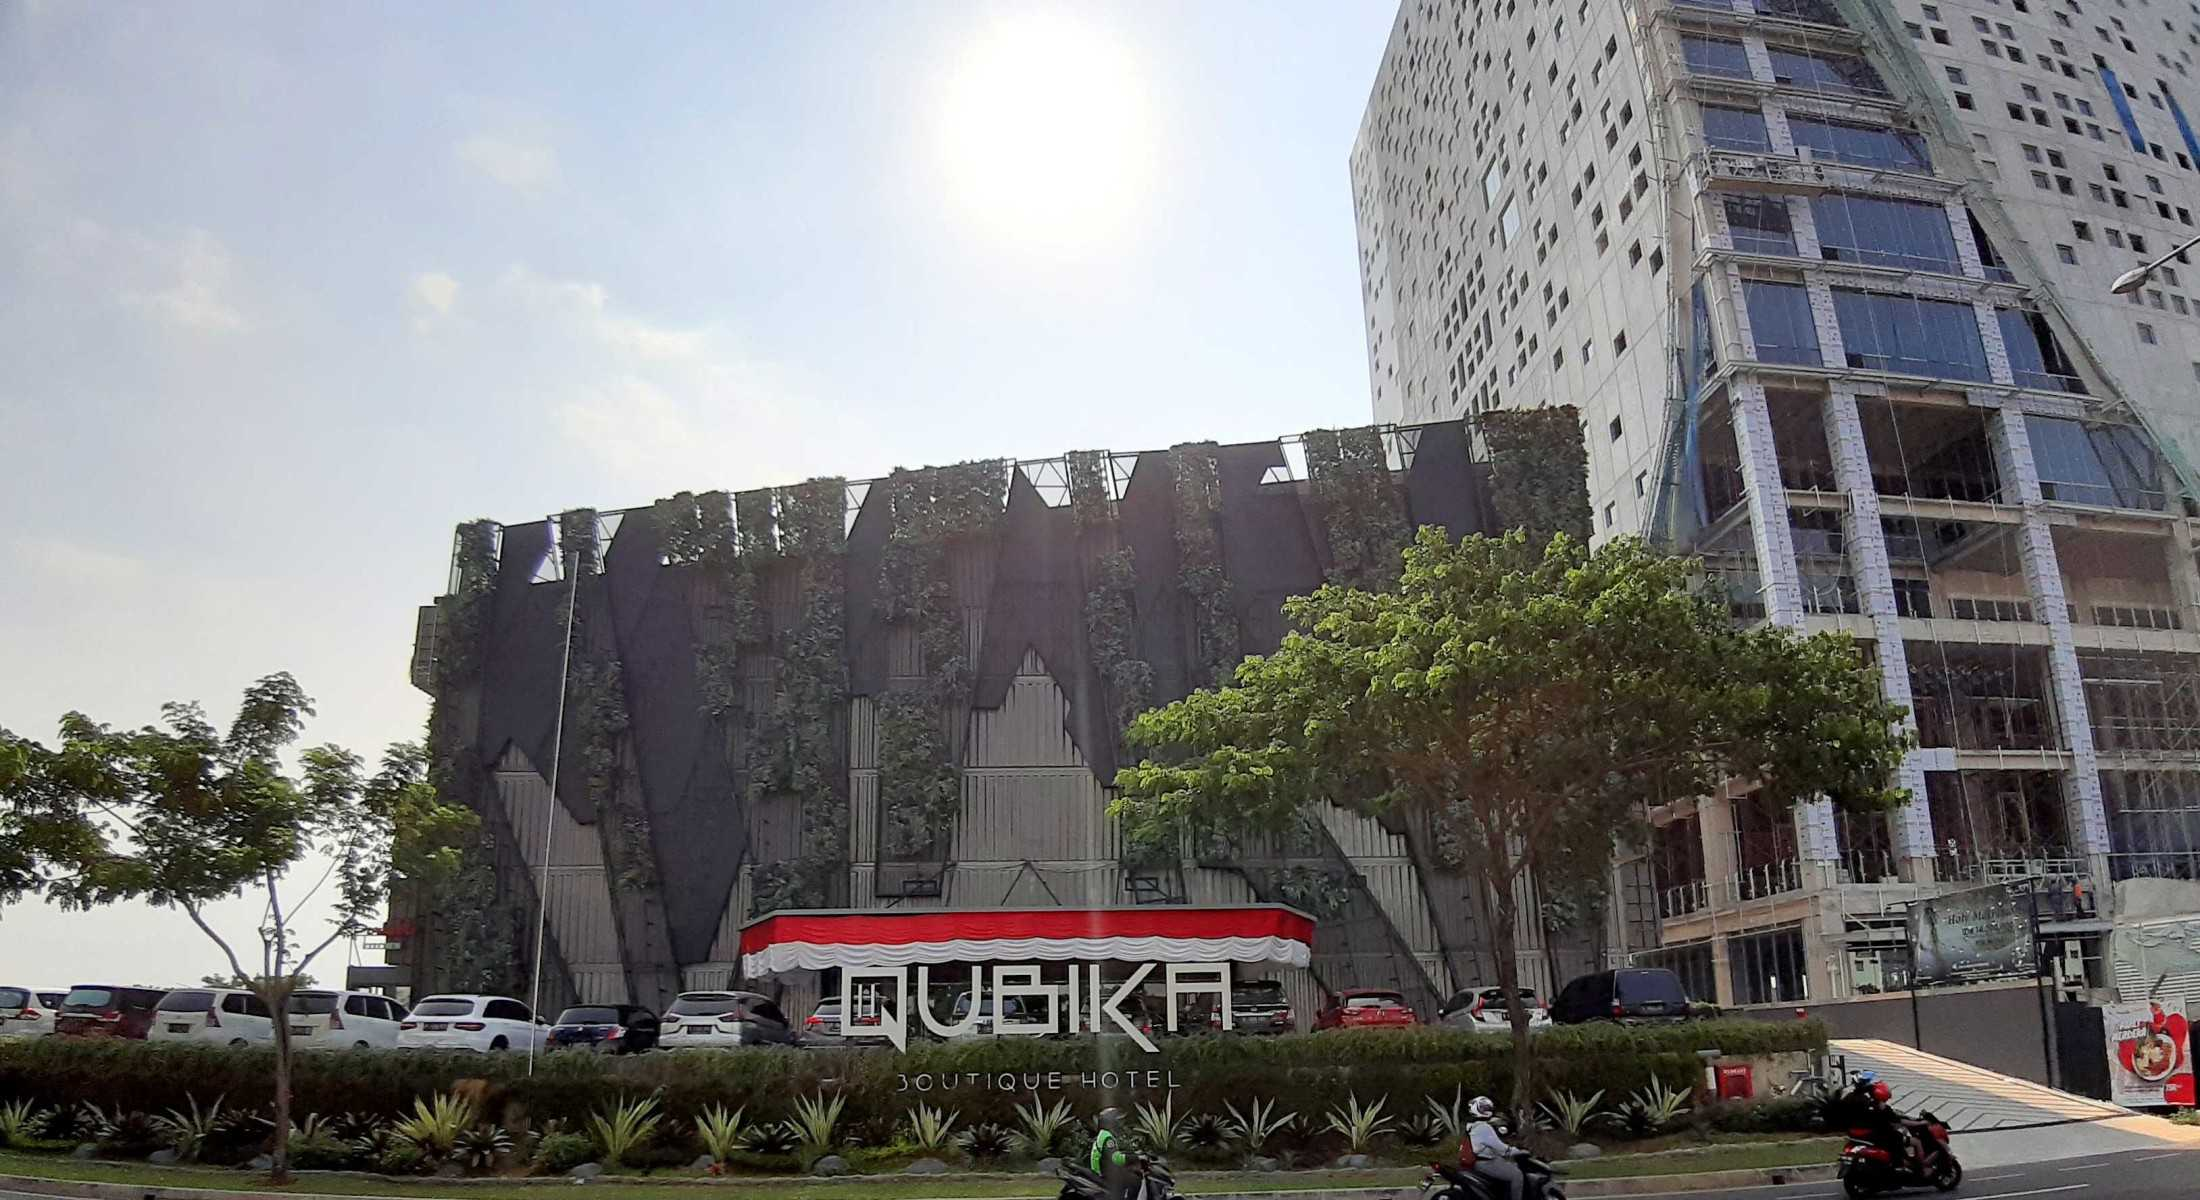 X3M Architects Qubika Hotel Medang, Kec. Pagedangan, Tangerang, Banten 15334, Indonesia Medang, Kec. Pagedangan, Tangerang, Banten 15334, Indonesia X3M-Architects-Qubika-Hotel  99485